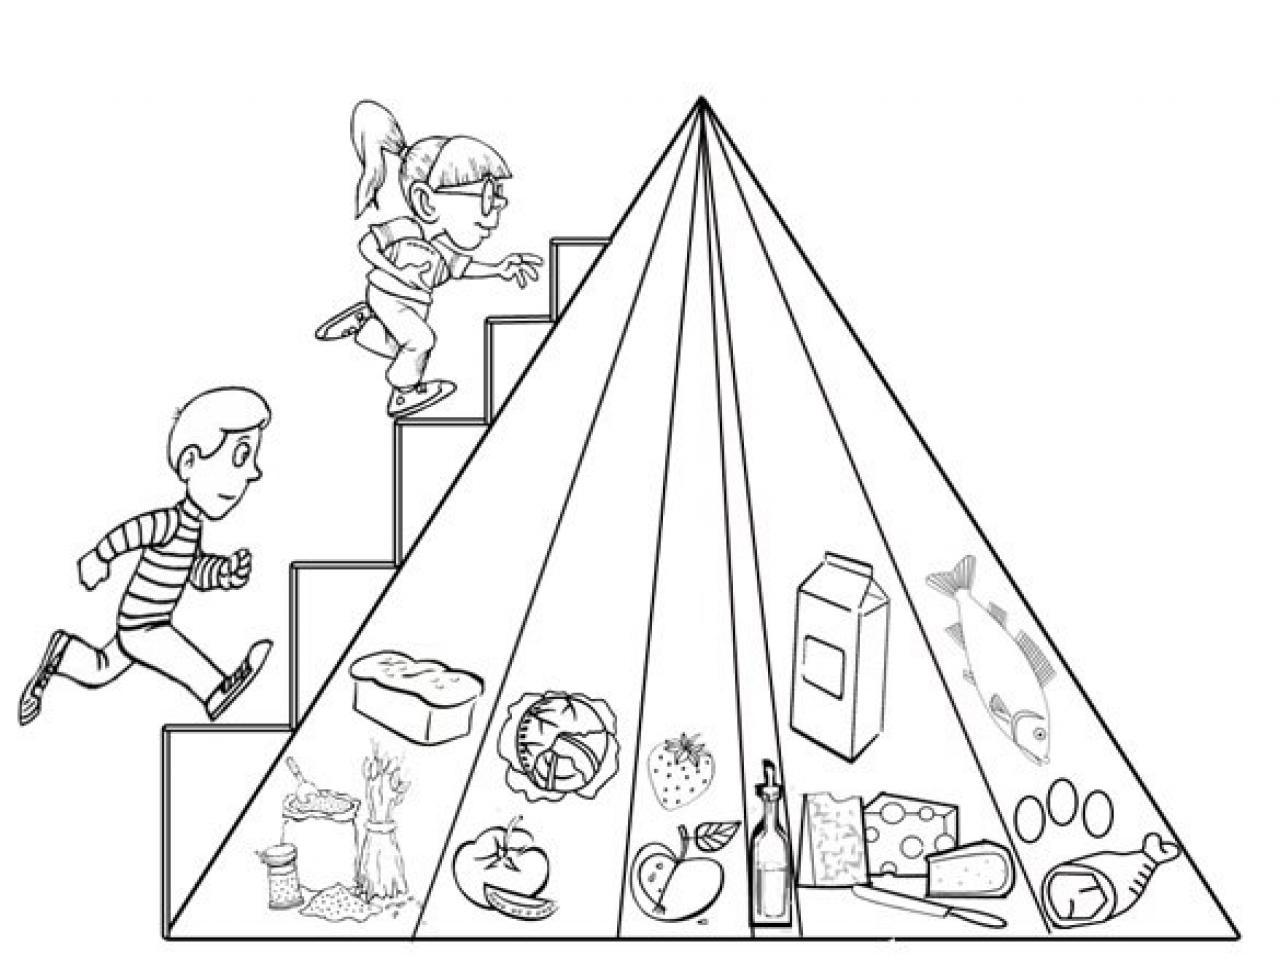 Food Pyramid Coloring Page At Getdrawings